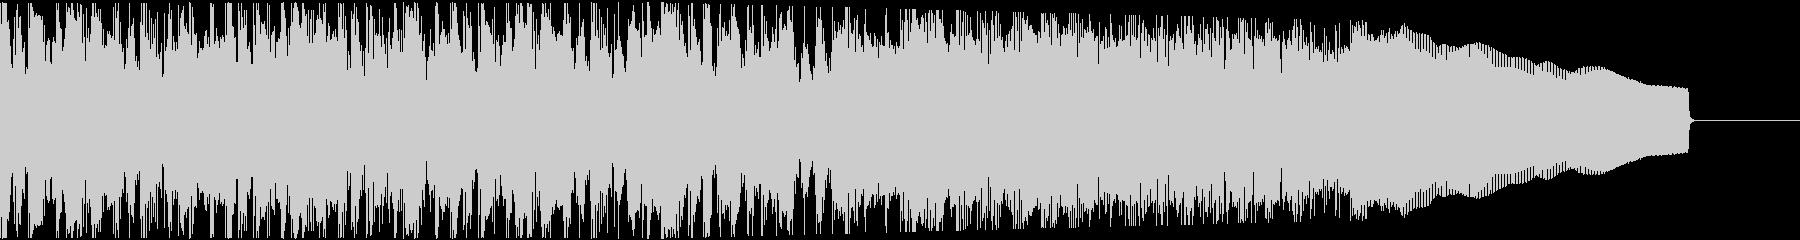 カントリー風ギターイントロ−05Bの未再生の波形